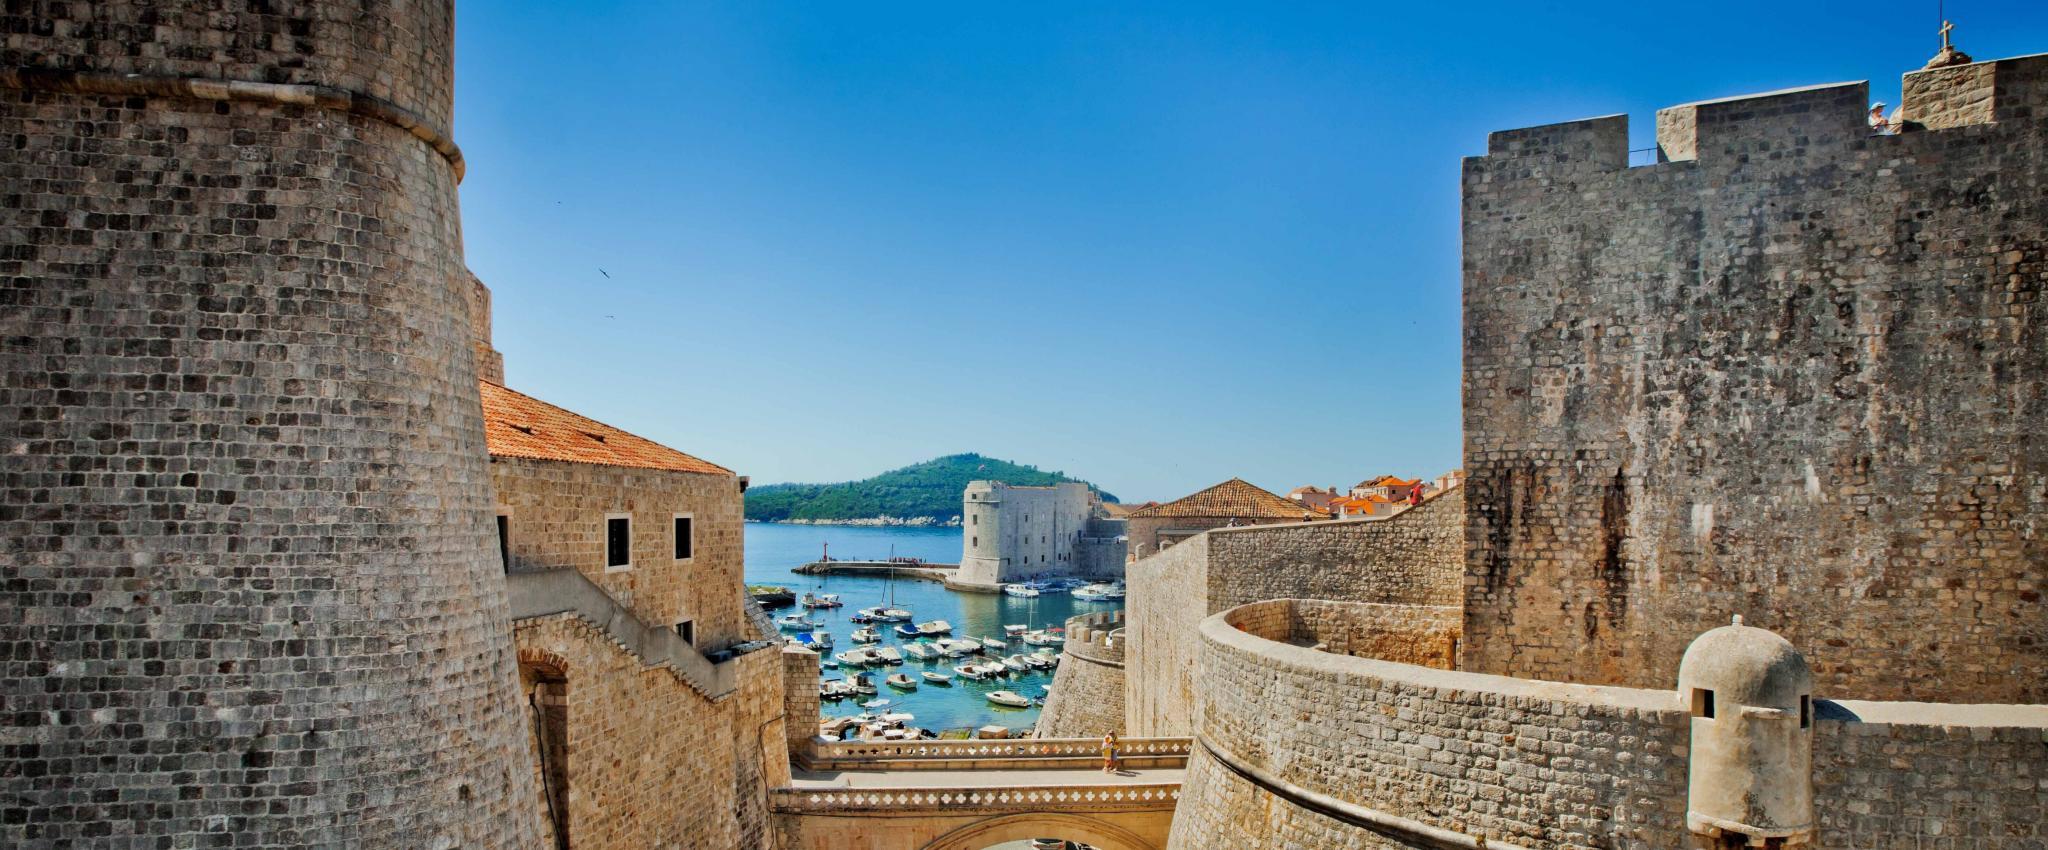 Adriatic Tours Dubrovnik